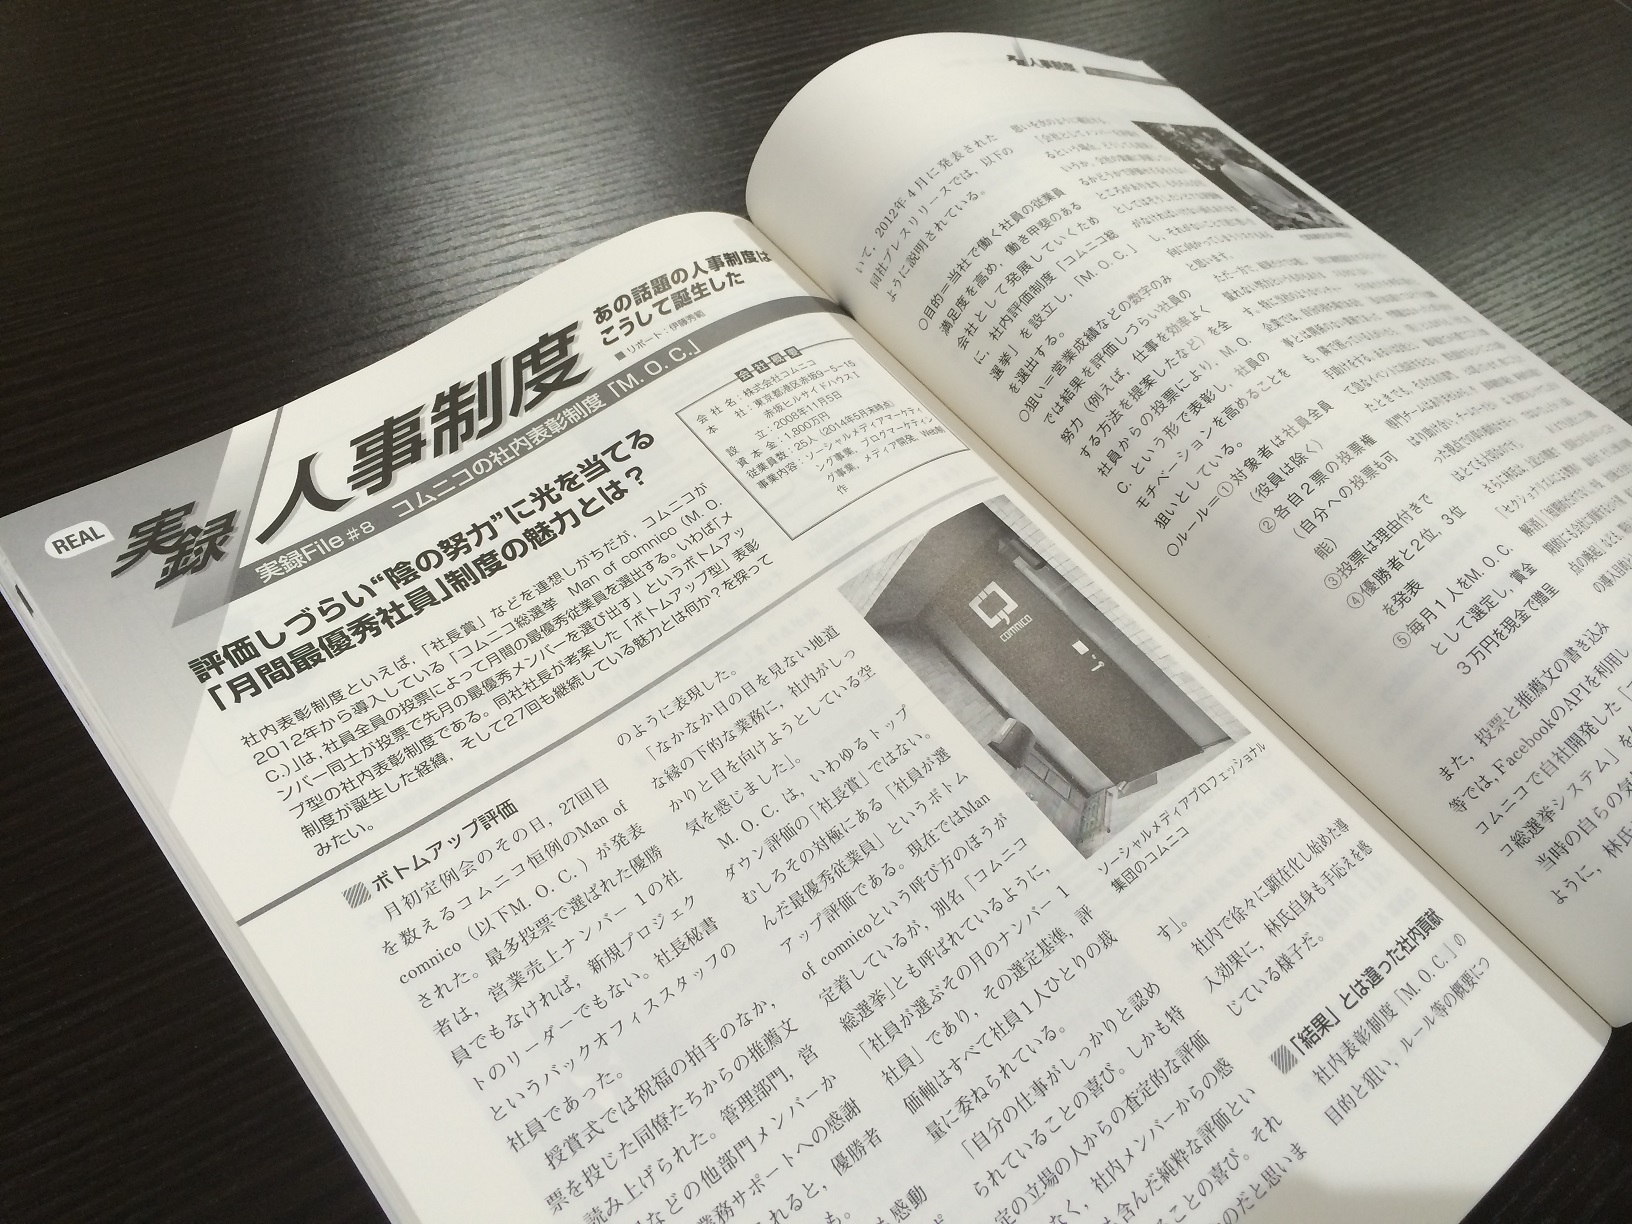 コムニコの社内評価制度M.O.Cが「月刊人事マネジメント」に特集されました!